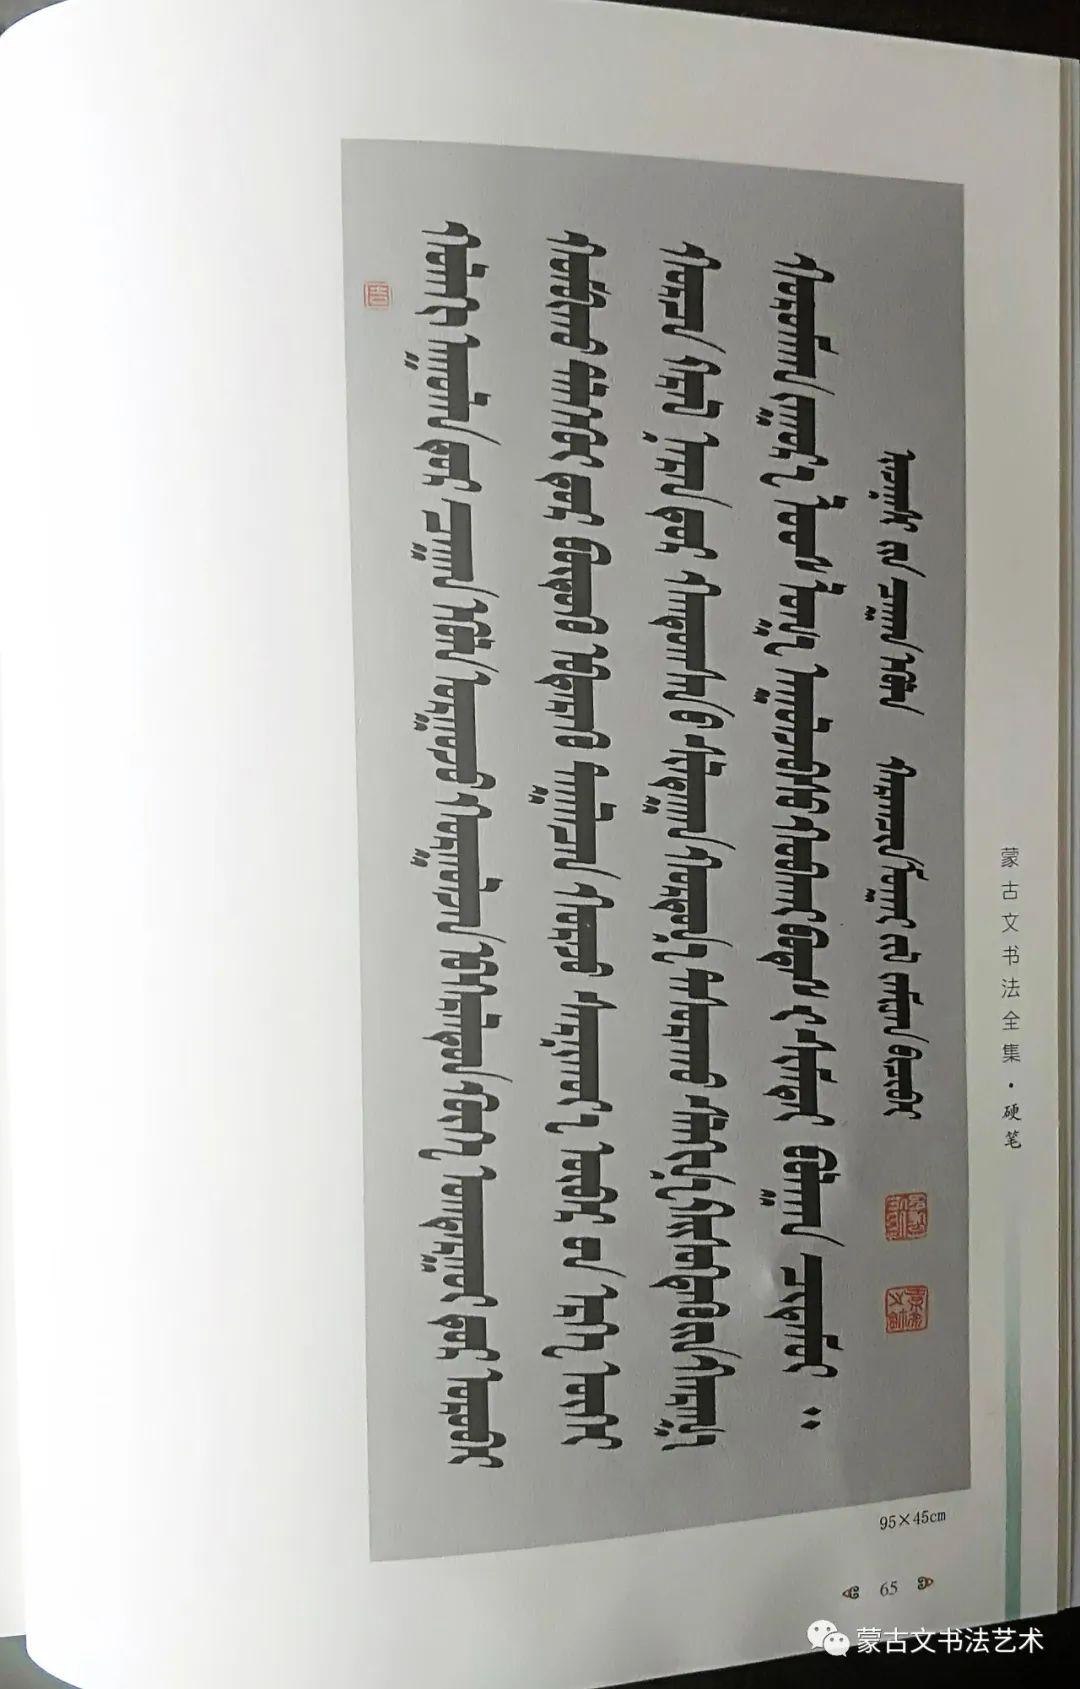 蒙古文书法全集 第23张 蒙古文书法全集 蒙古书法